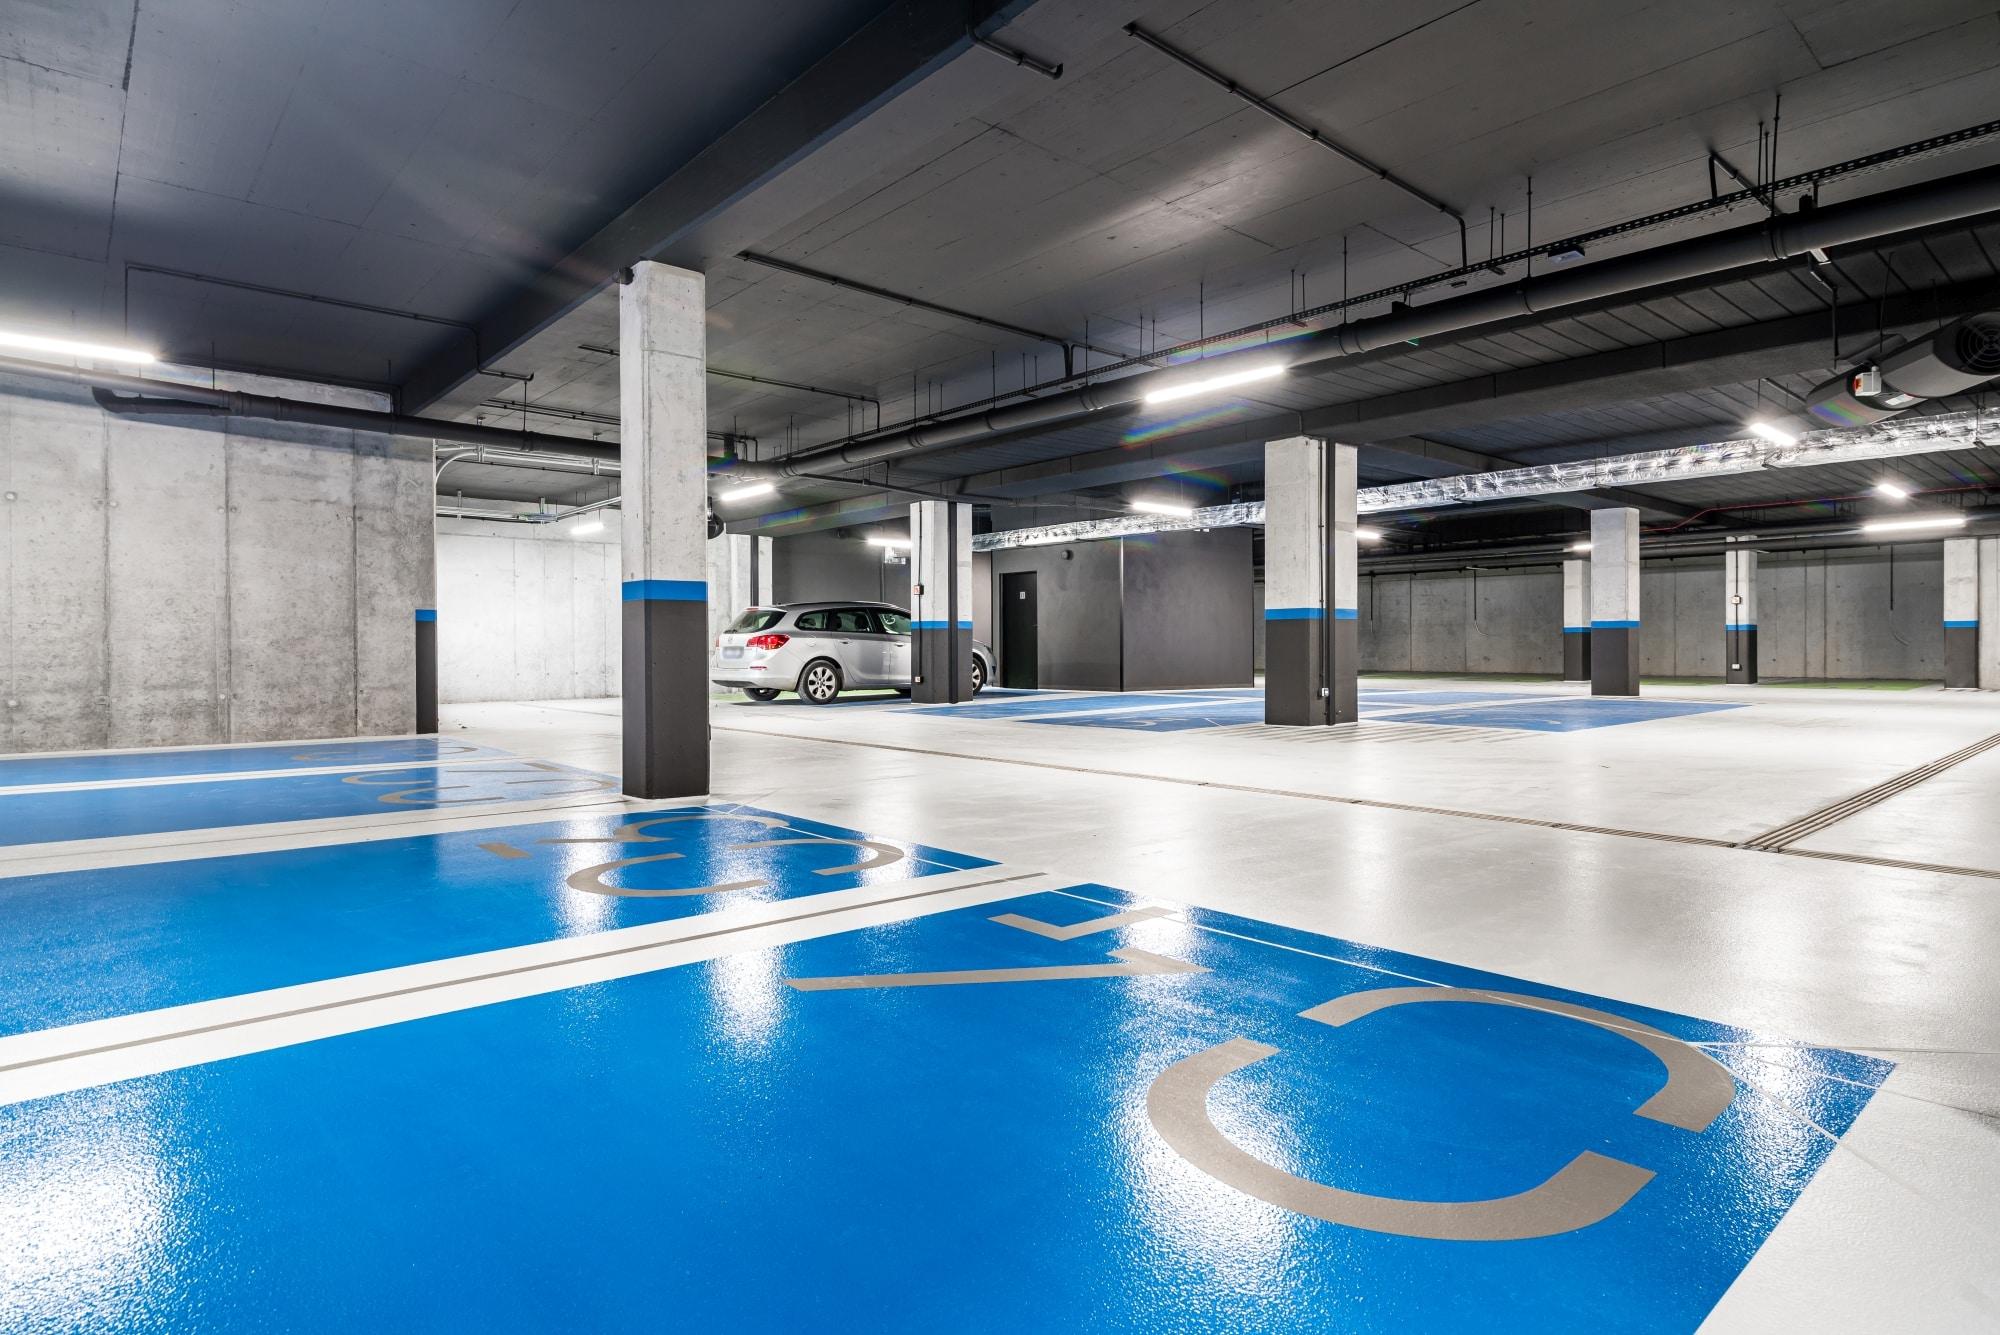 Projekt hala parkingowa Borowego Kraków 3